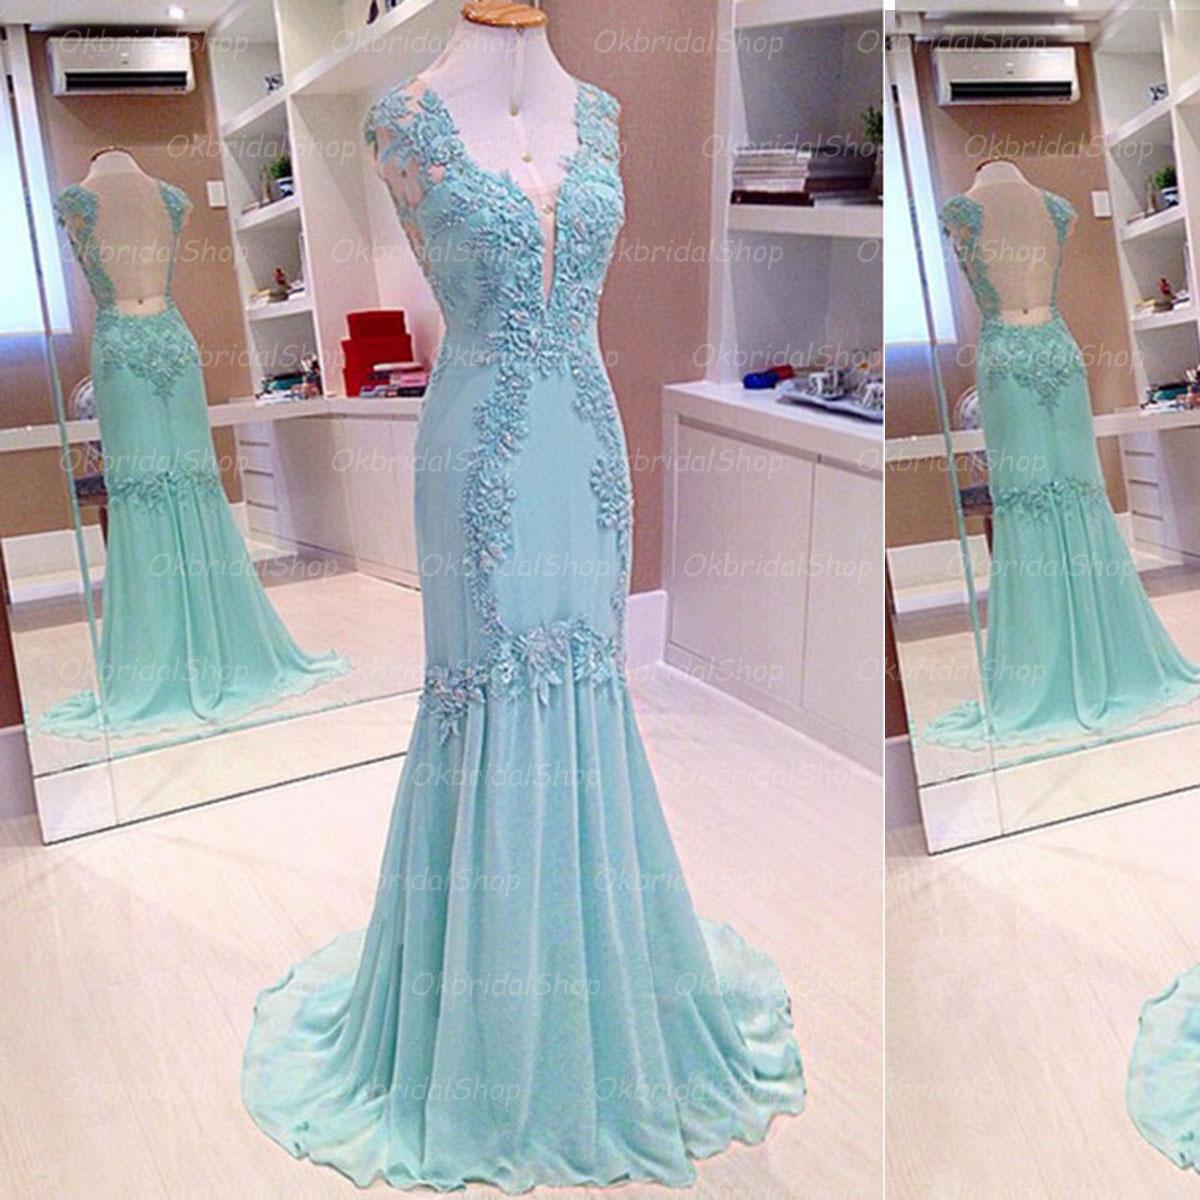 Tiffany blue prom dress, mermaid prom dress, long prom dress ...